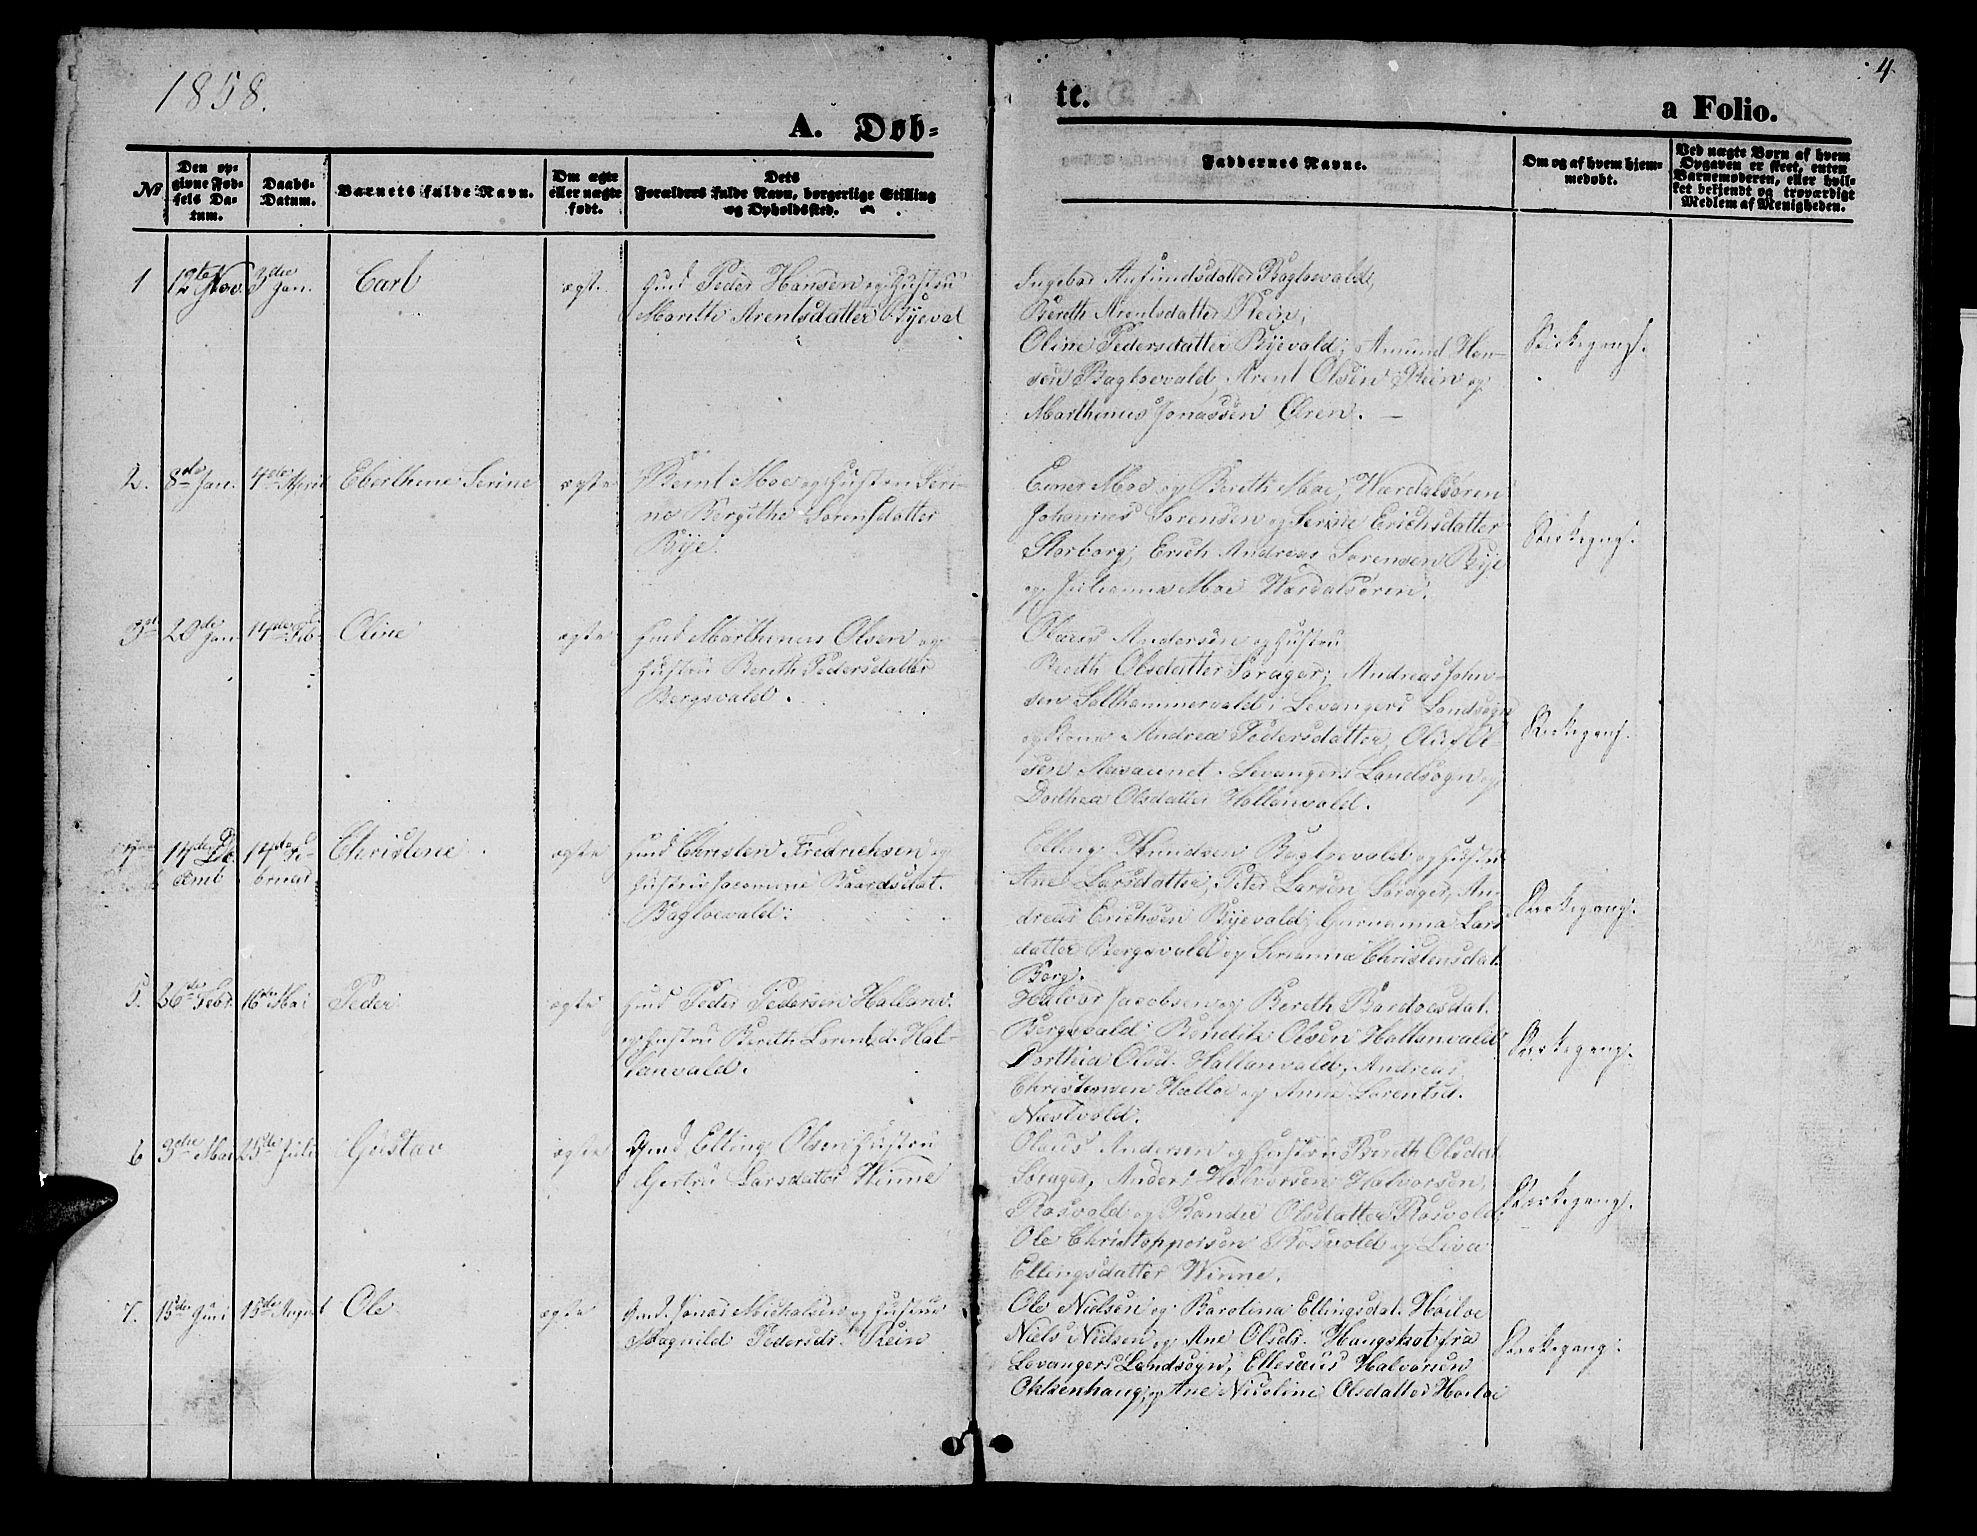 SAT, Ministerialprotokoller, klokkerbøker og fødselsregistre - Nord-Trøndelag, 726/L0270: Klokkerbok nr. 726C01, 1858-1868, s. 4